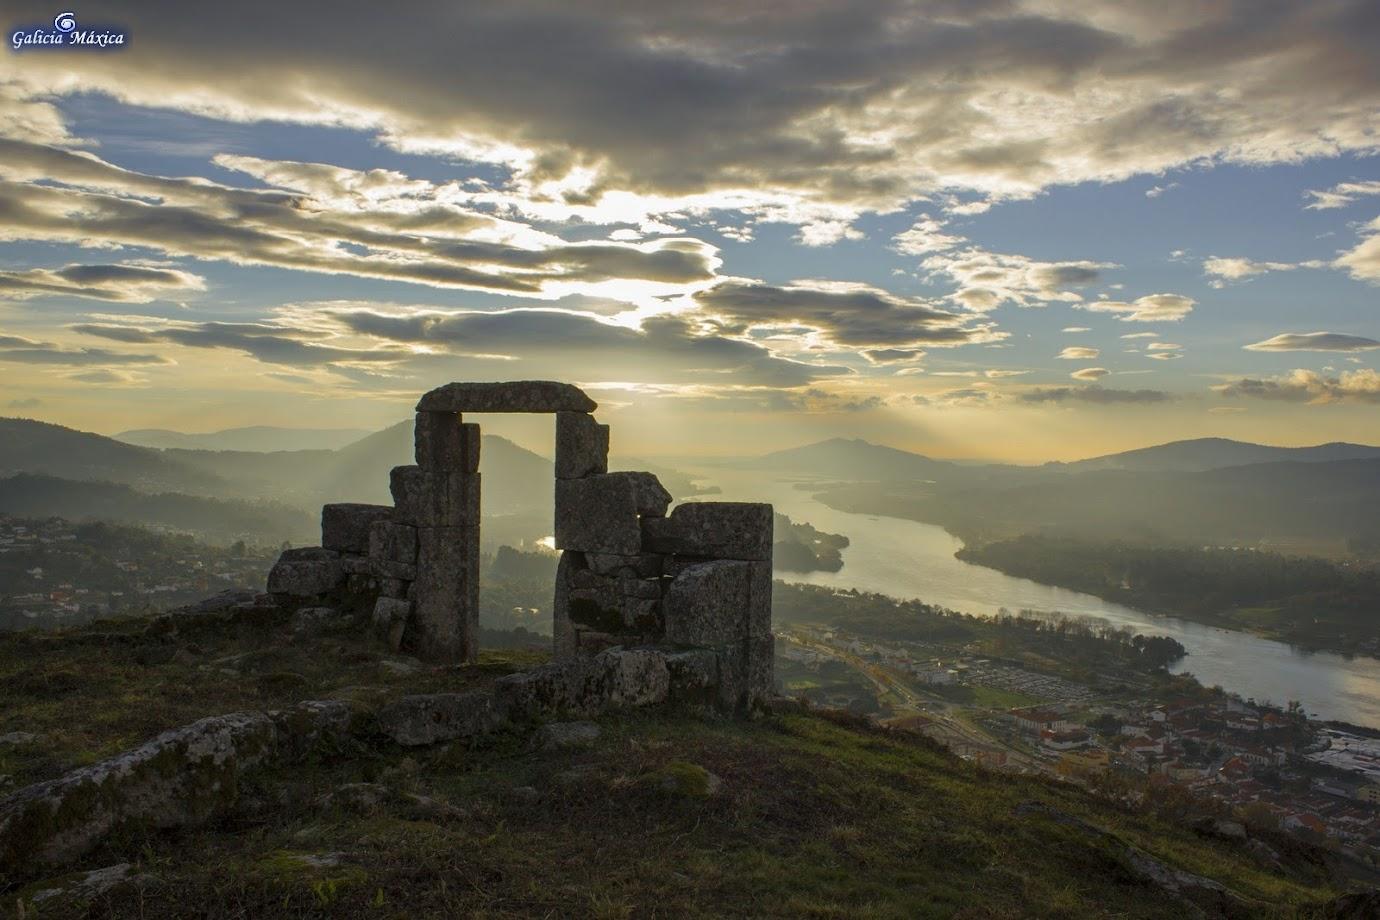 Ruínas da Capela do Espirito Santo | GALICIA MÁXICA